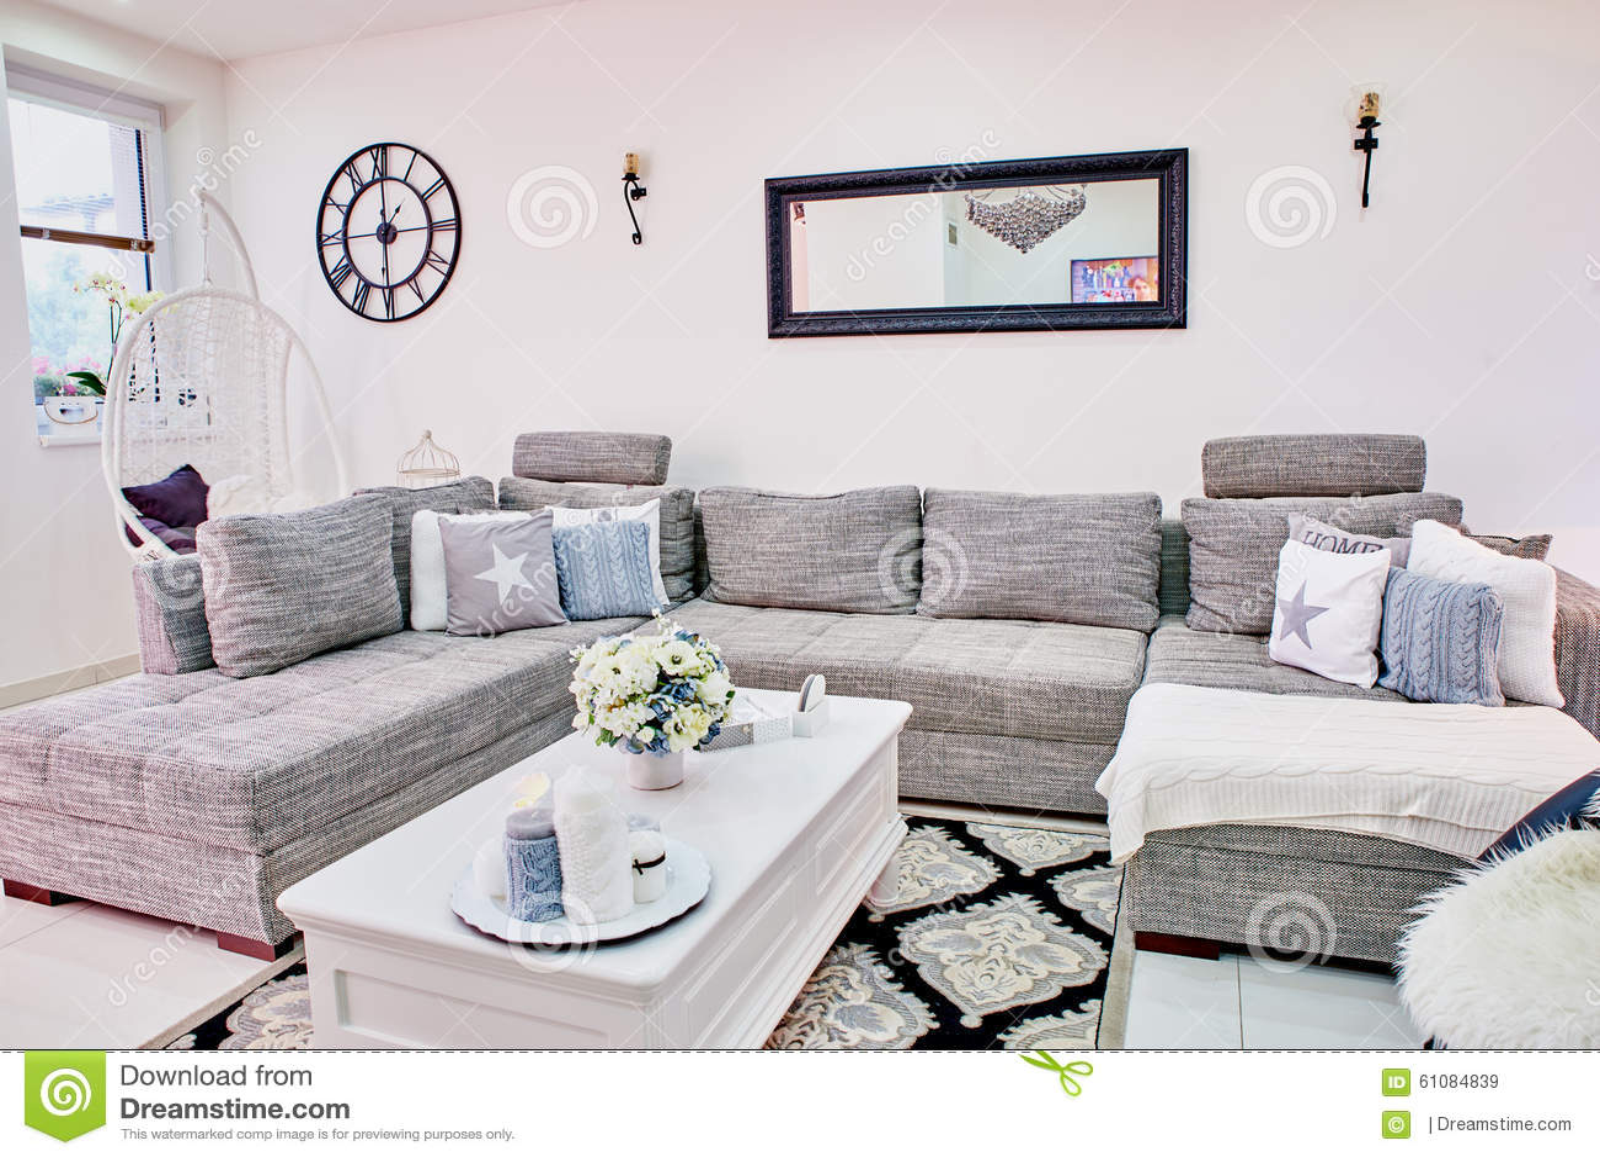 Interior Design Series Classic Living Room Stock Photo